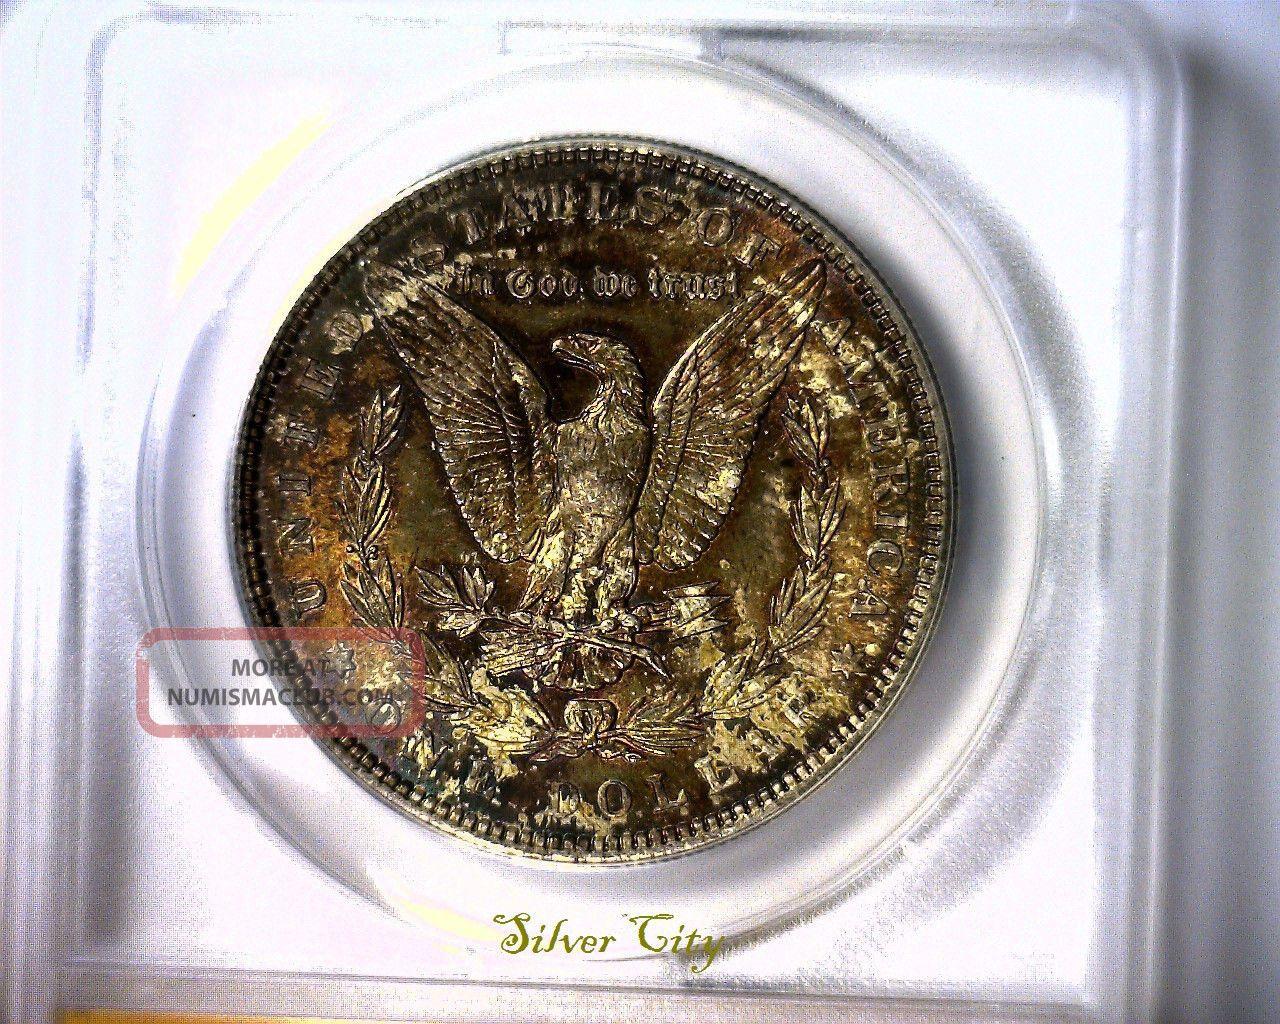 Ms63 Anacs Beautifully Toned 1887 Morgan Silver Dollar U